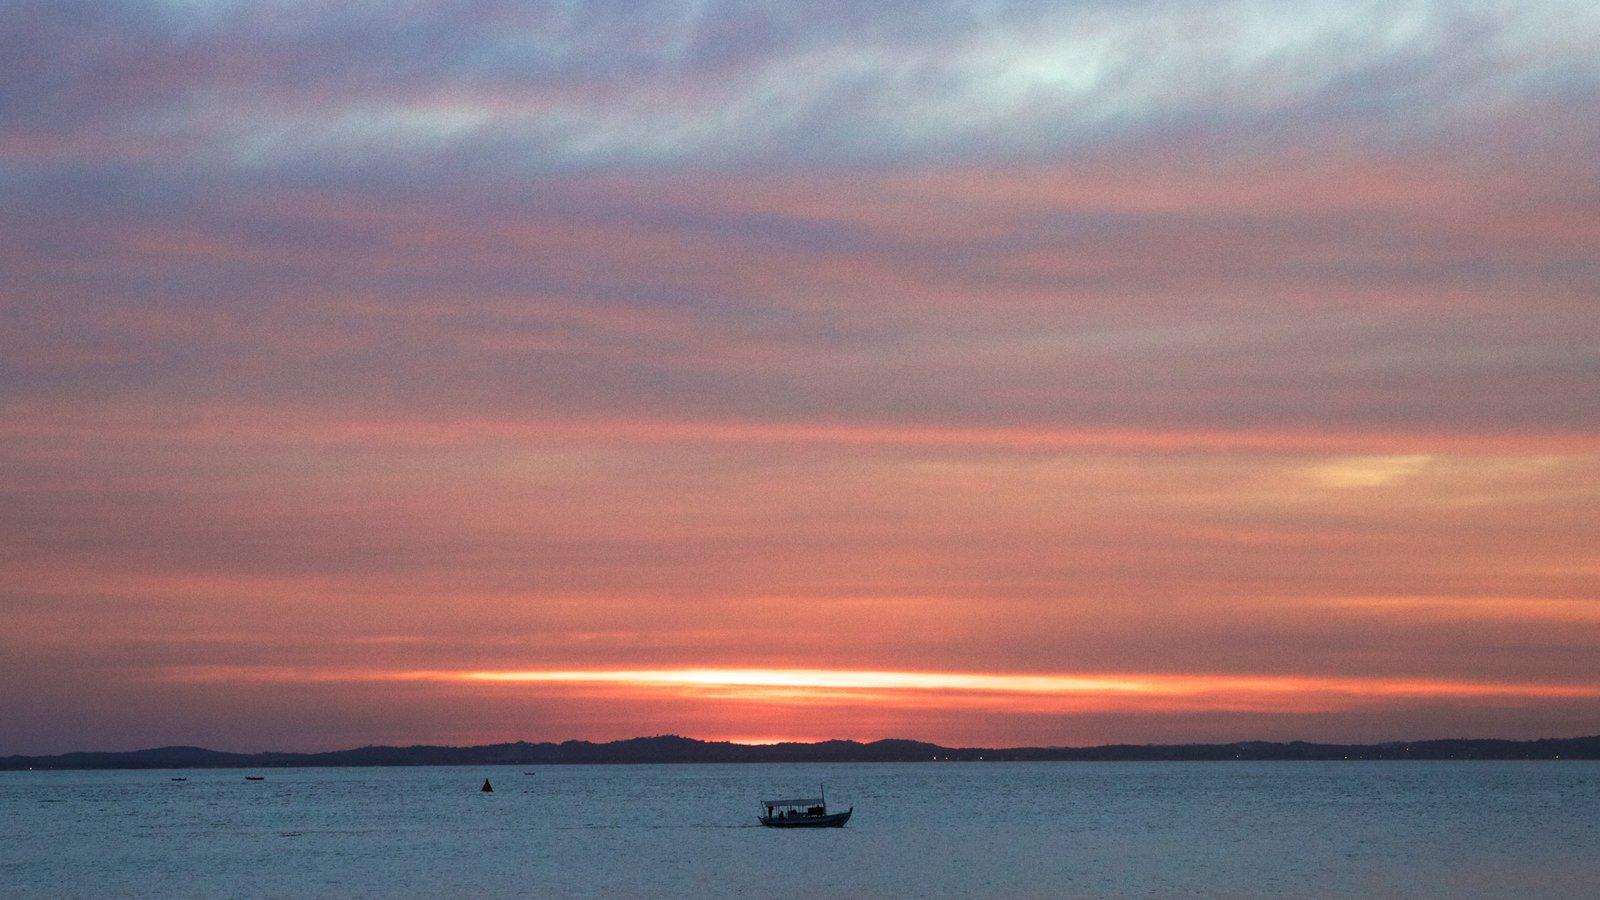 Praia do Farol da Barra caracterizando canoagem, paisagens litorâneas e um pôr do sol